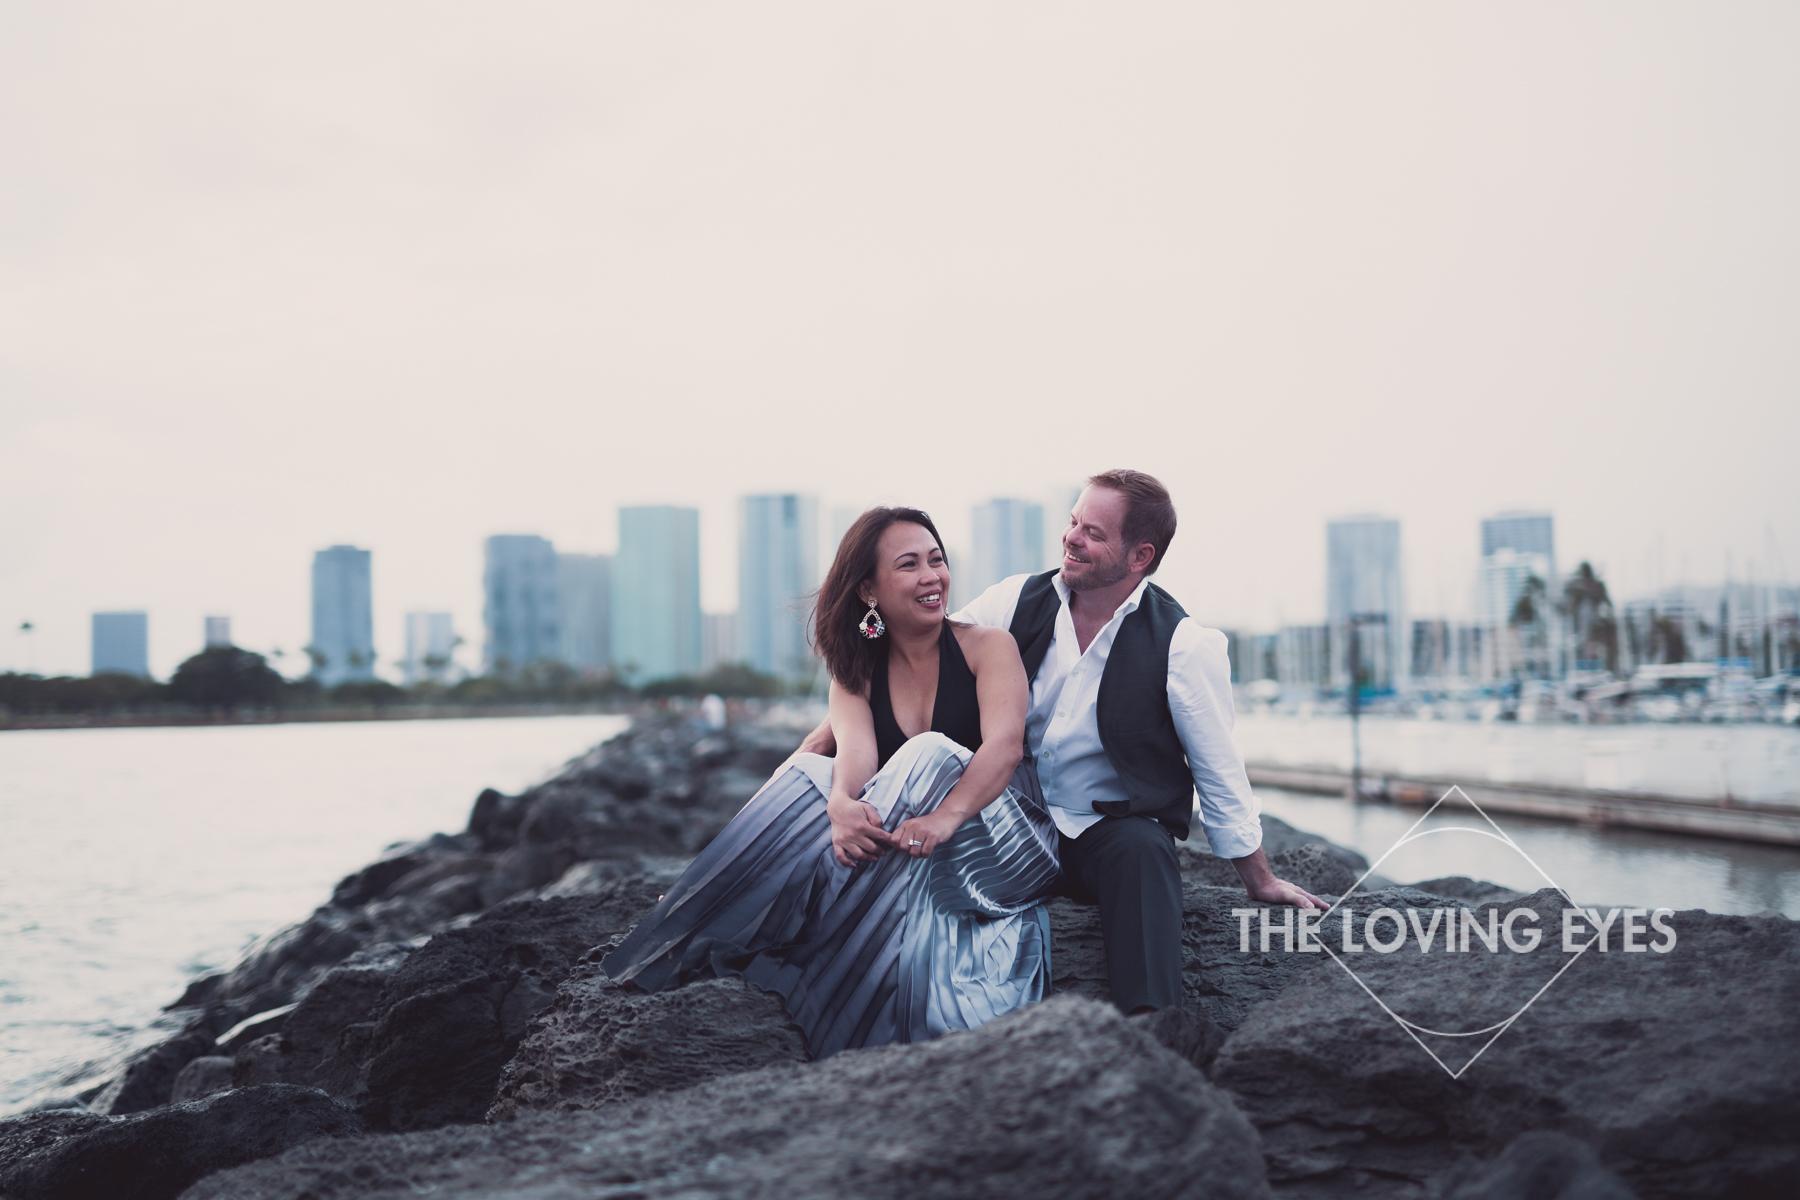 Hawaii-Vacation-Honeymoon-Photograhy-in-Waikiki-8.jpg